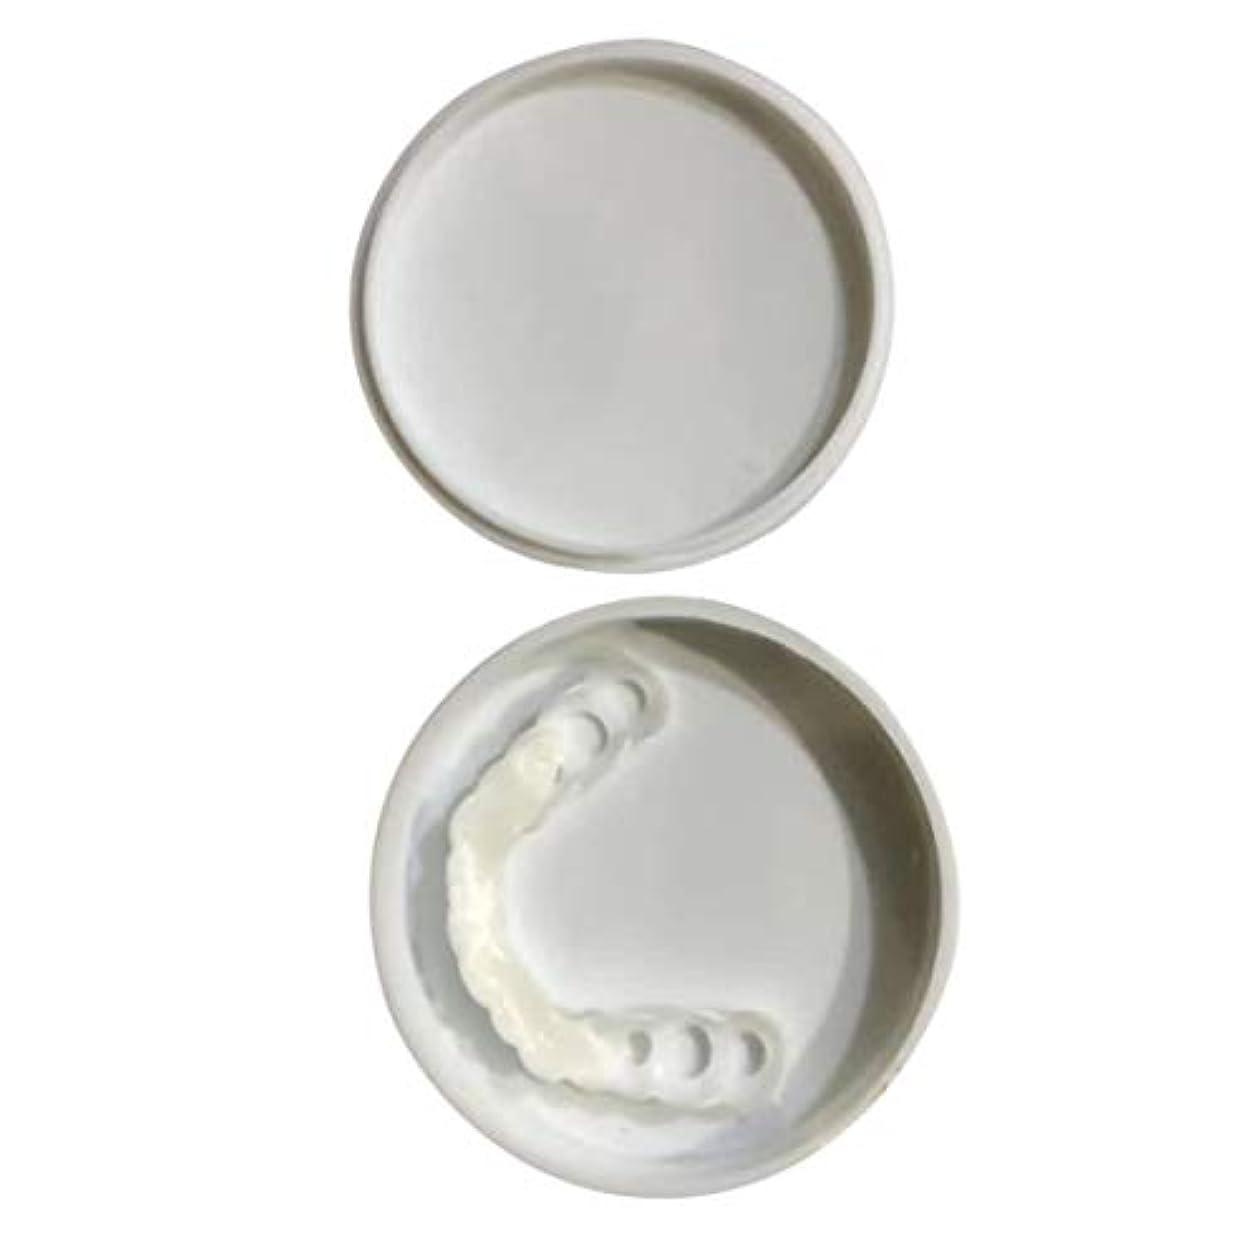 熟達した発揮する同化する快適なスナップオン男性女性歯インスタントパーフェクトスマイルコンフォートフィットフレックス歯フィットホワイトニング笑顔偽歯カバー - ホワイト